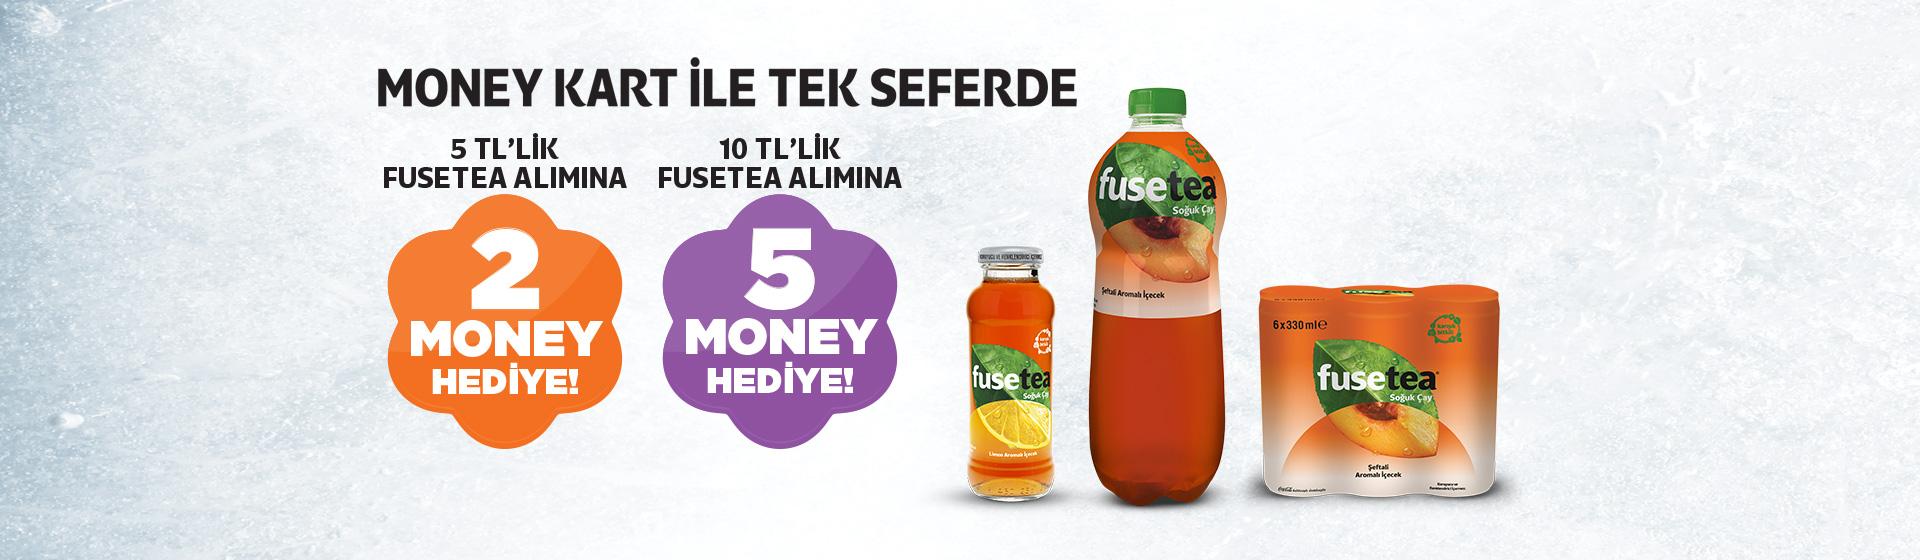 Fuse Tea Money Kampanyası